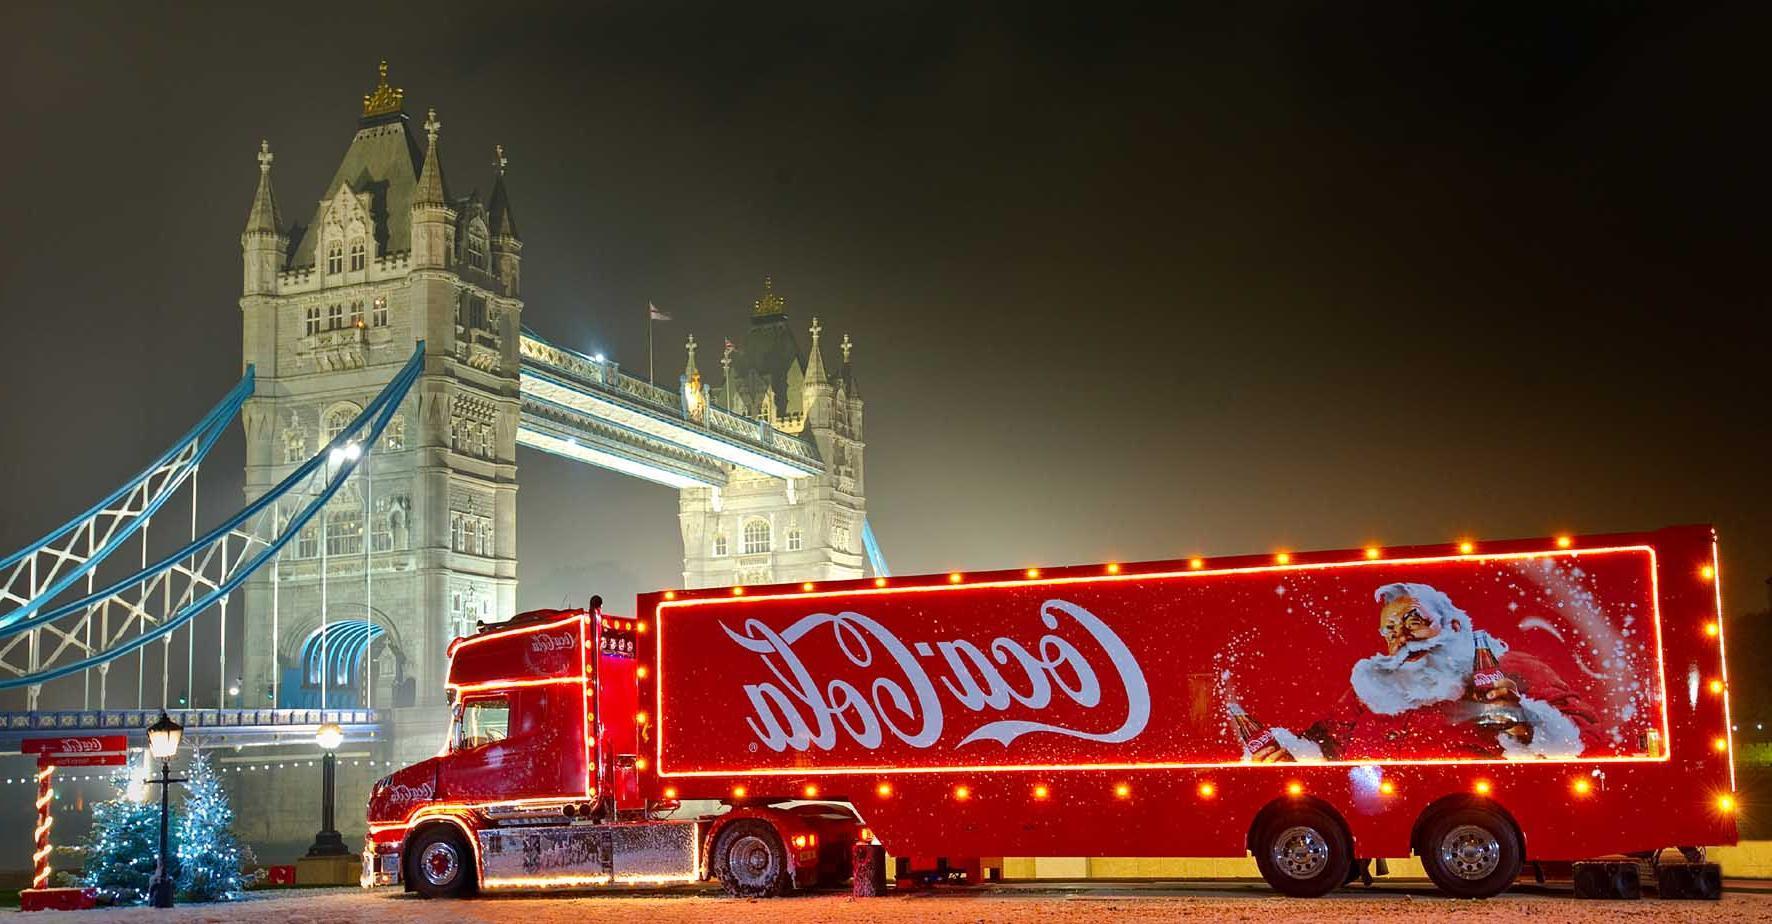 Desktop hintergrund coca cola